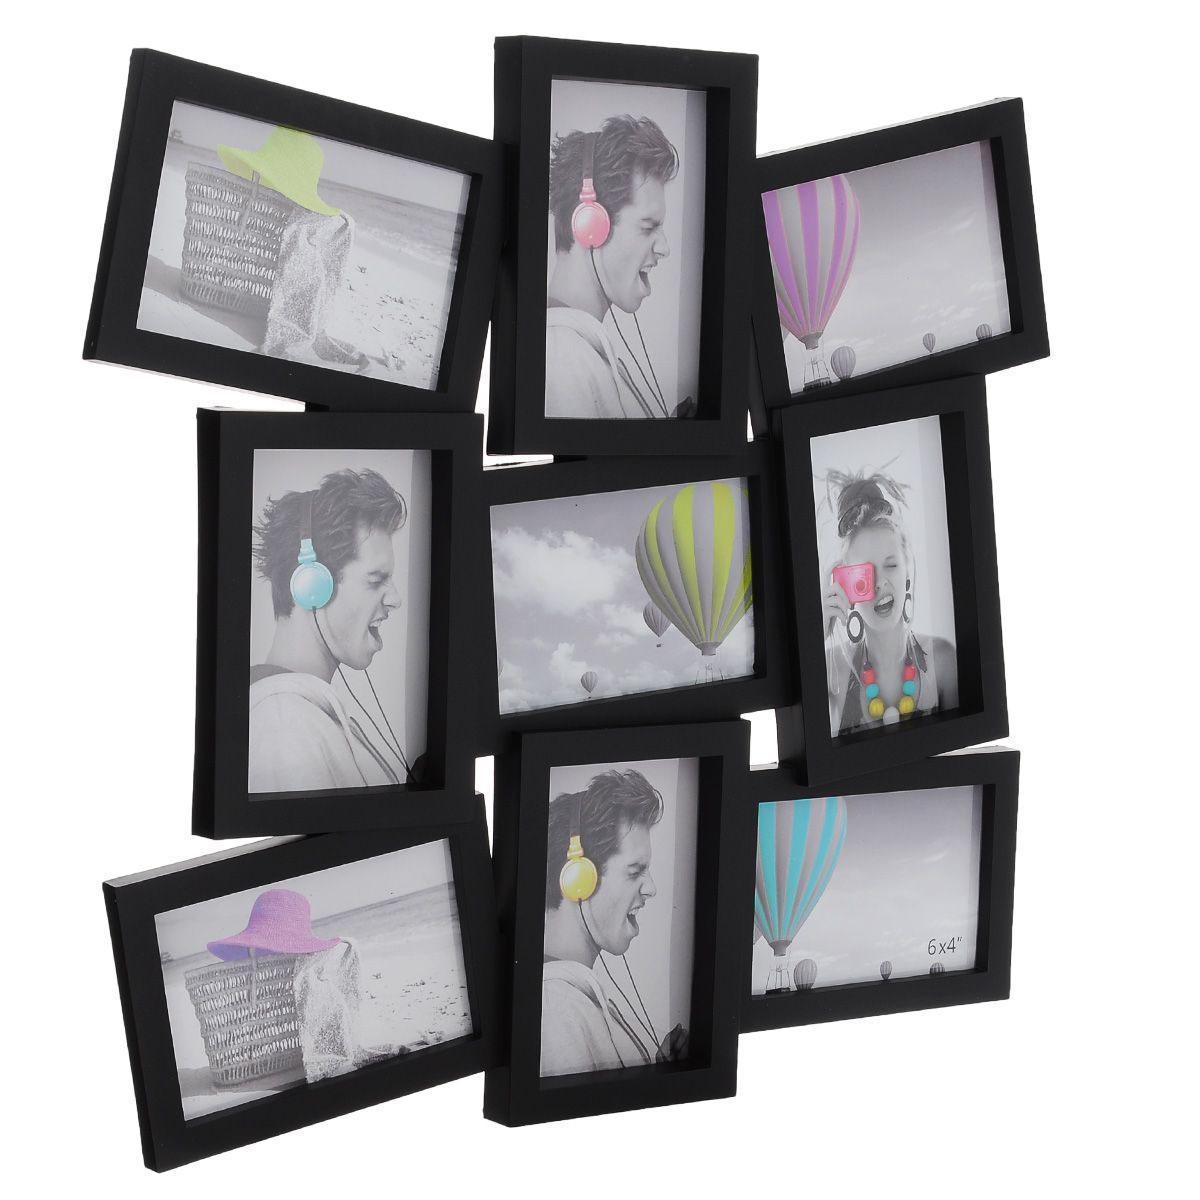 """Фоторамка """"Image Art"""" отлично дополнит интерьер помещения и поможет сохранить на память ваши любимые фотографии. Фоторамка выполнена из пластика черного цвета """"под дерево"""" и представляет собой коллаж из 9 прямоугольных рамочек с вертикальным и горизонтальным расположением фотографий. Изделие подвешивается к стене. Такая рамка позволит сохранить на память изображения дорогих вам людей и интересных событий вашей жизни, а также станет приятным подарком для каждого."""